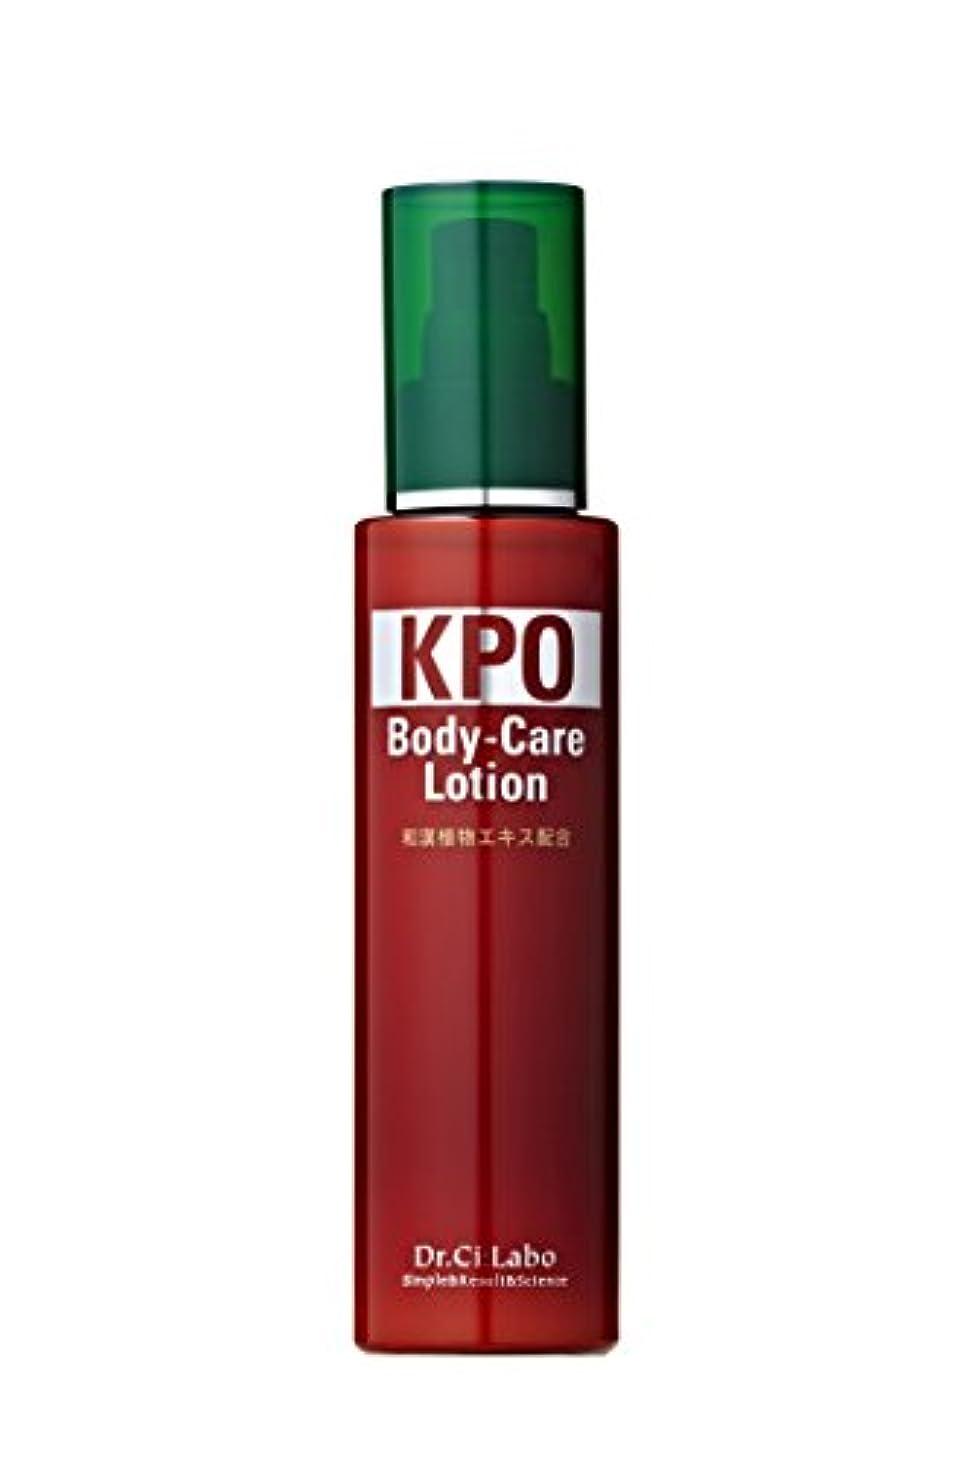 マネージャー糞試みドクターシーラボ KPOボディケアローション 乾燥ボディ用 保湿乳液 120ml